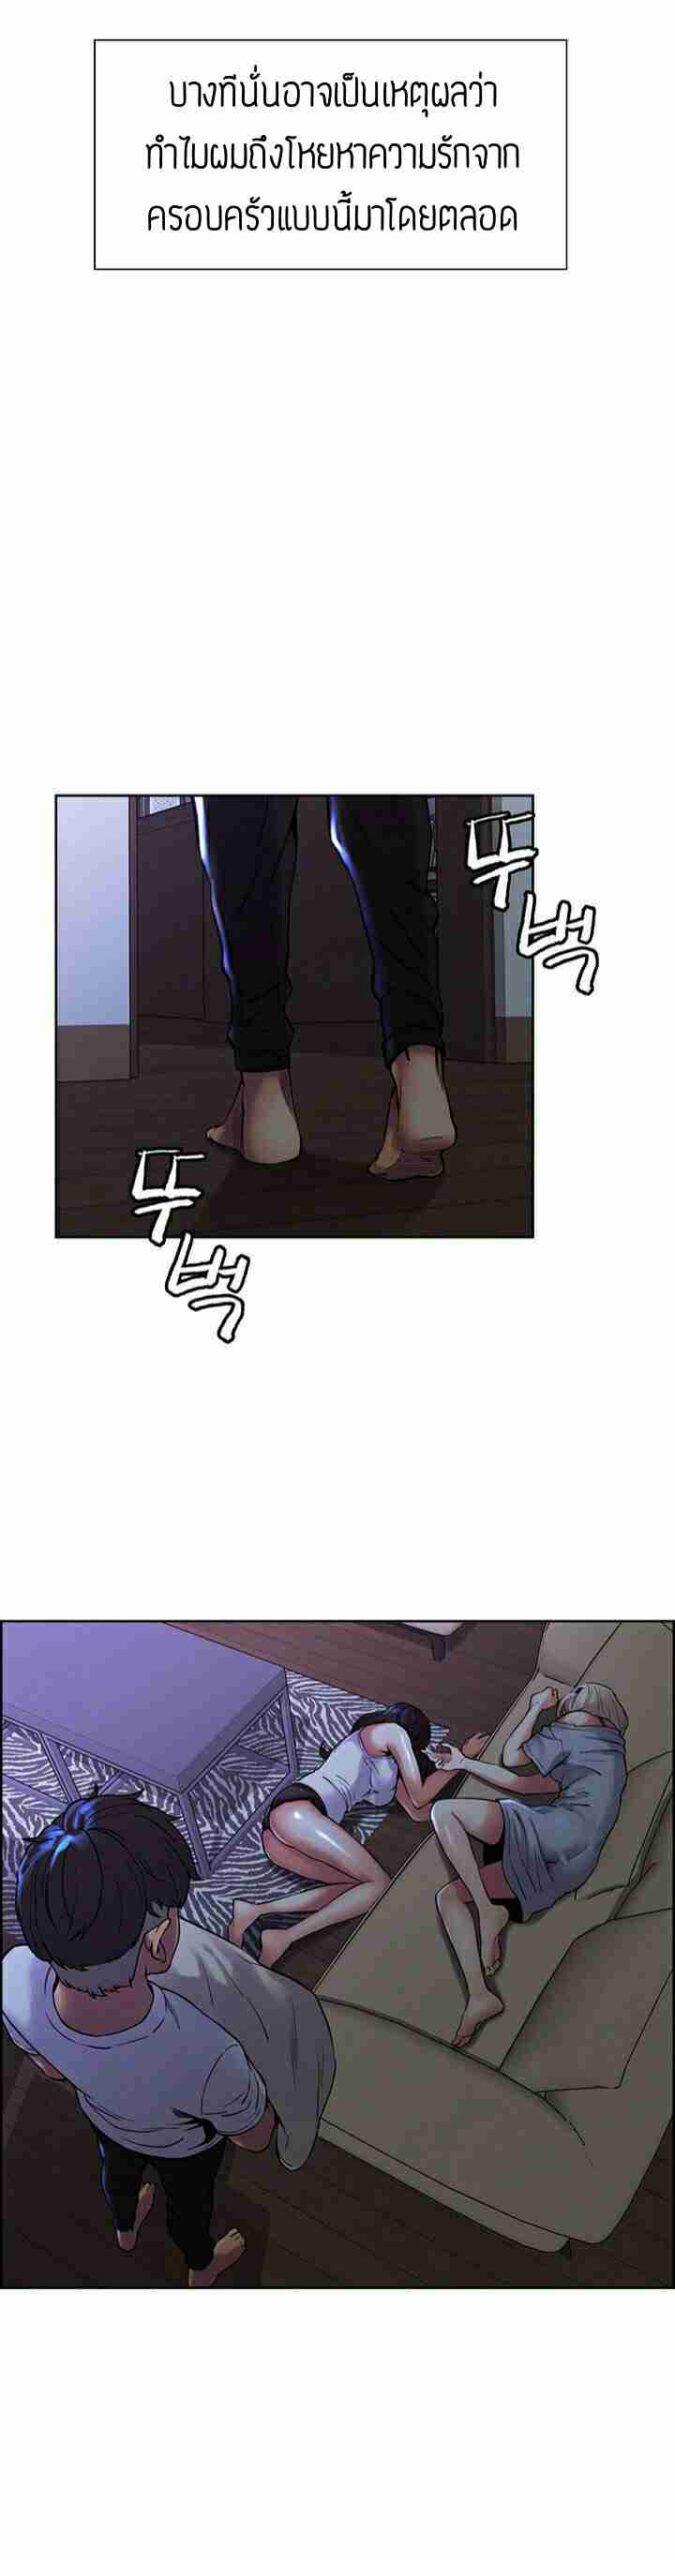 โดจิน Doujin รักแบบครอบครัวปลอมๆ19